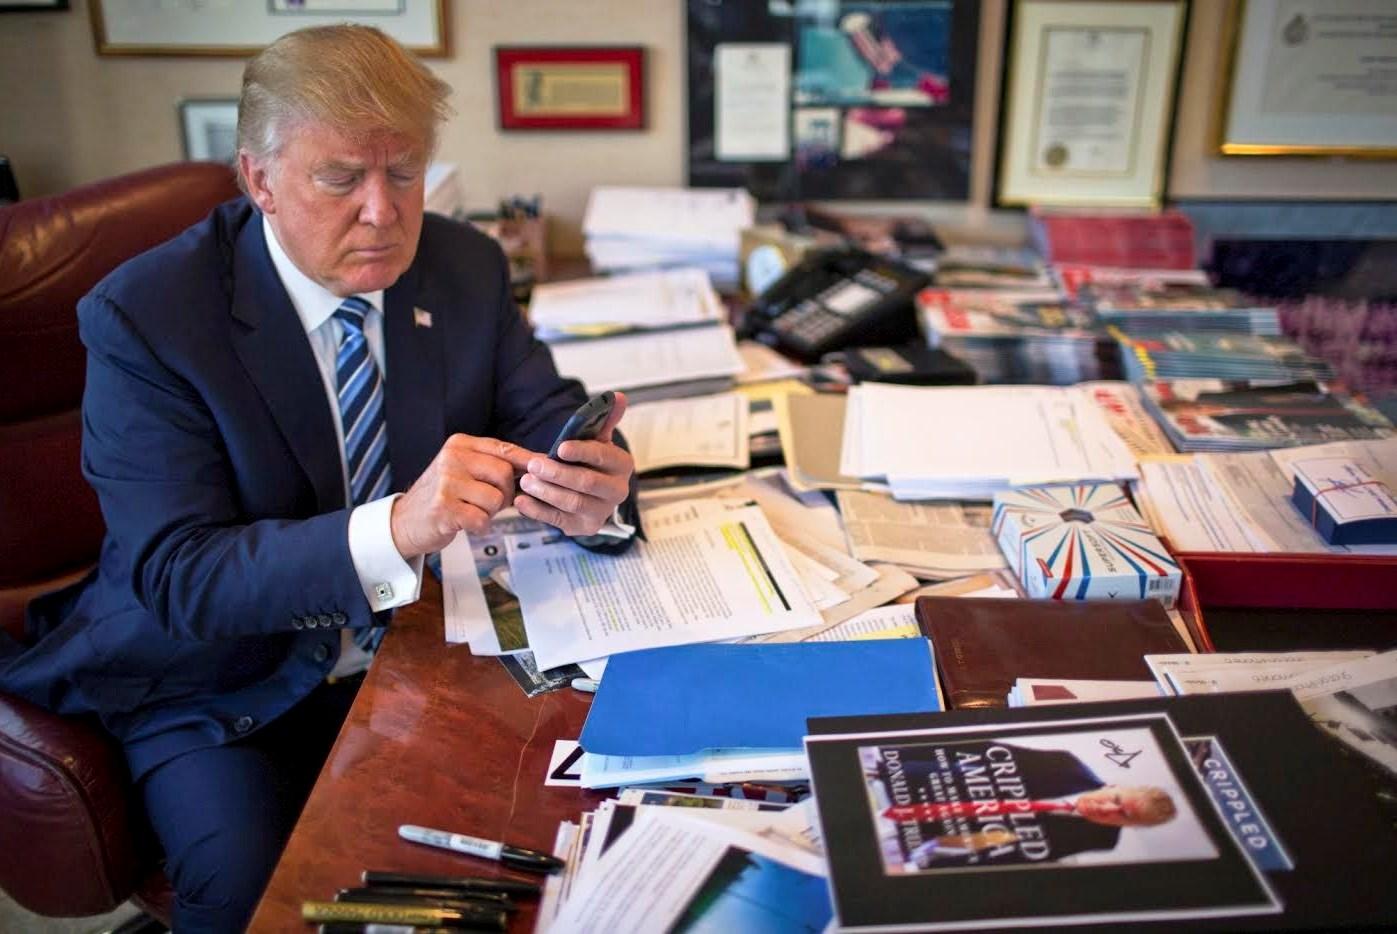 تويتر يطبق إجراءات جديدة على فيديو نشره ترامب لـجو بايدن